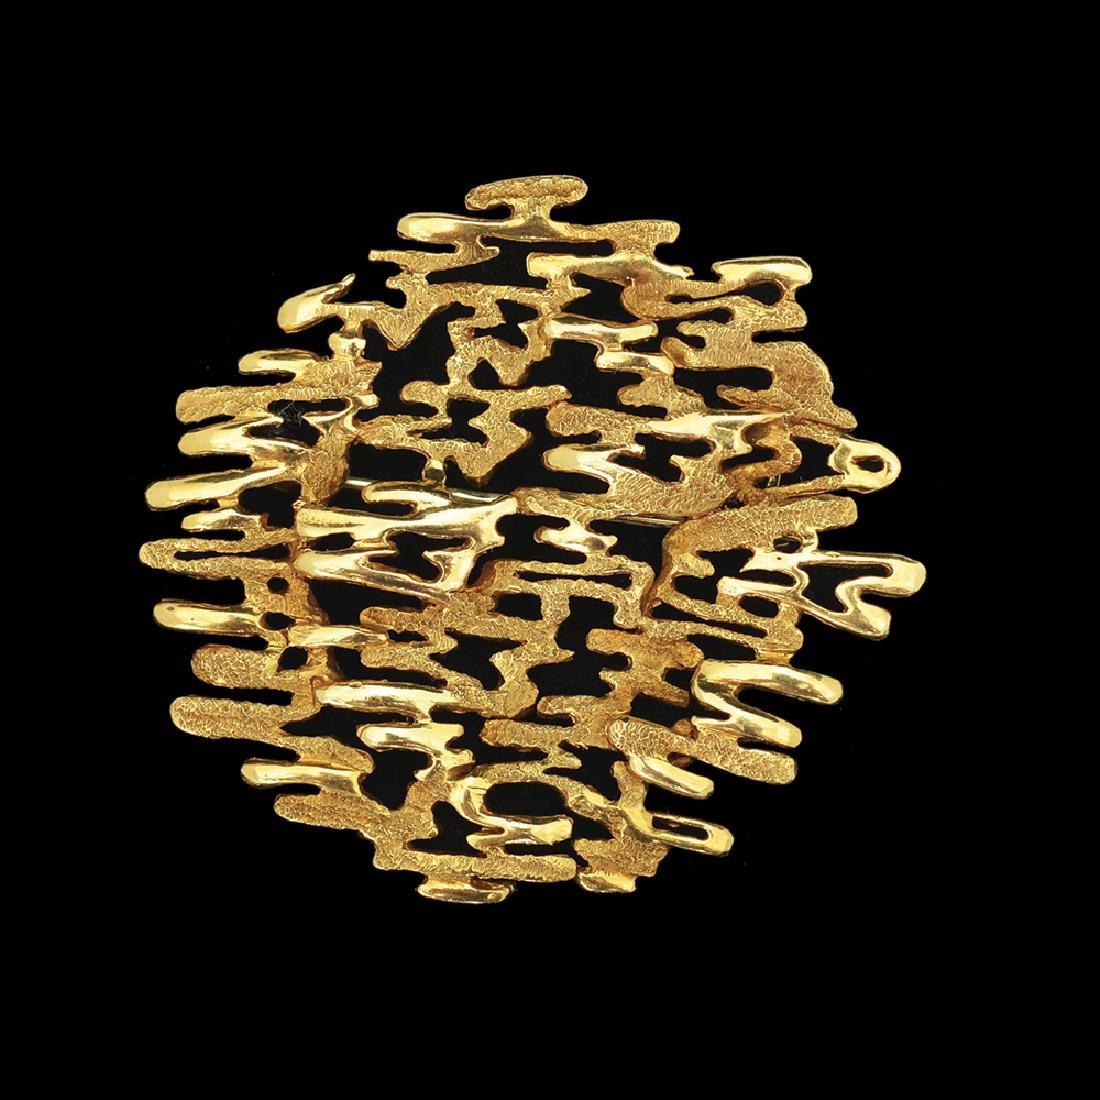 AN 18K GOLD BROOCH